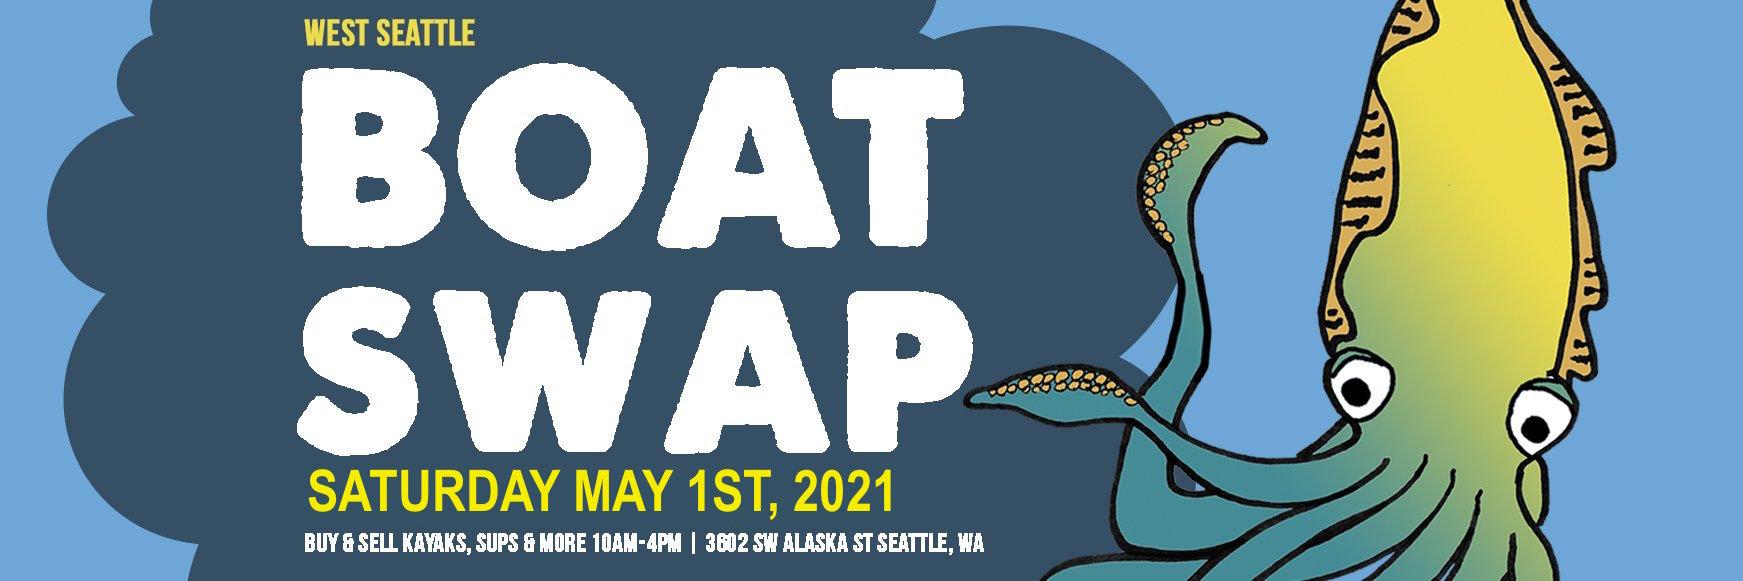 2021 West Seattle Boat Swap